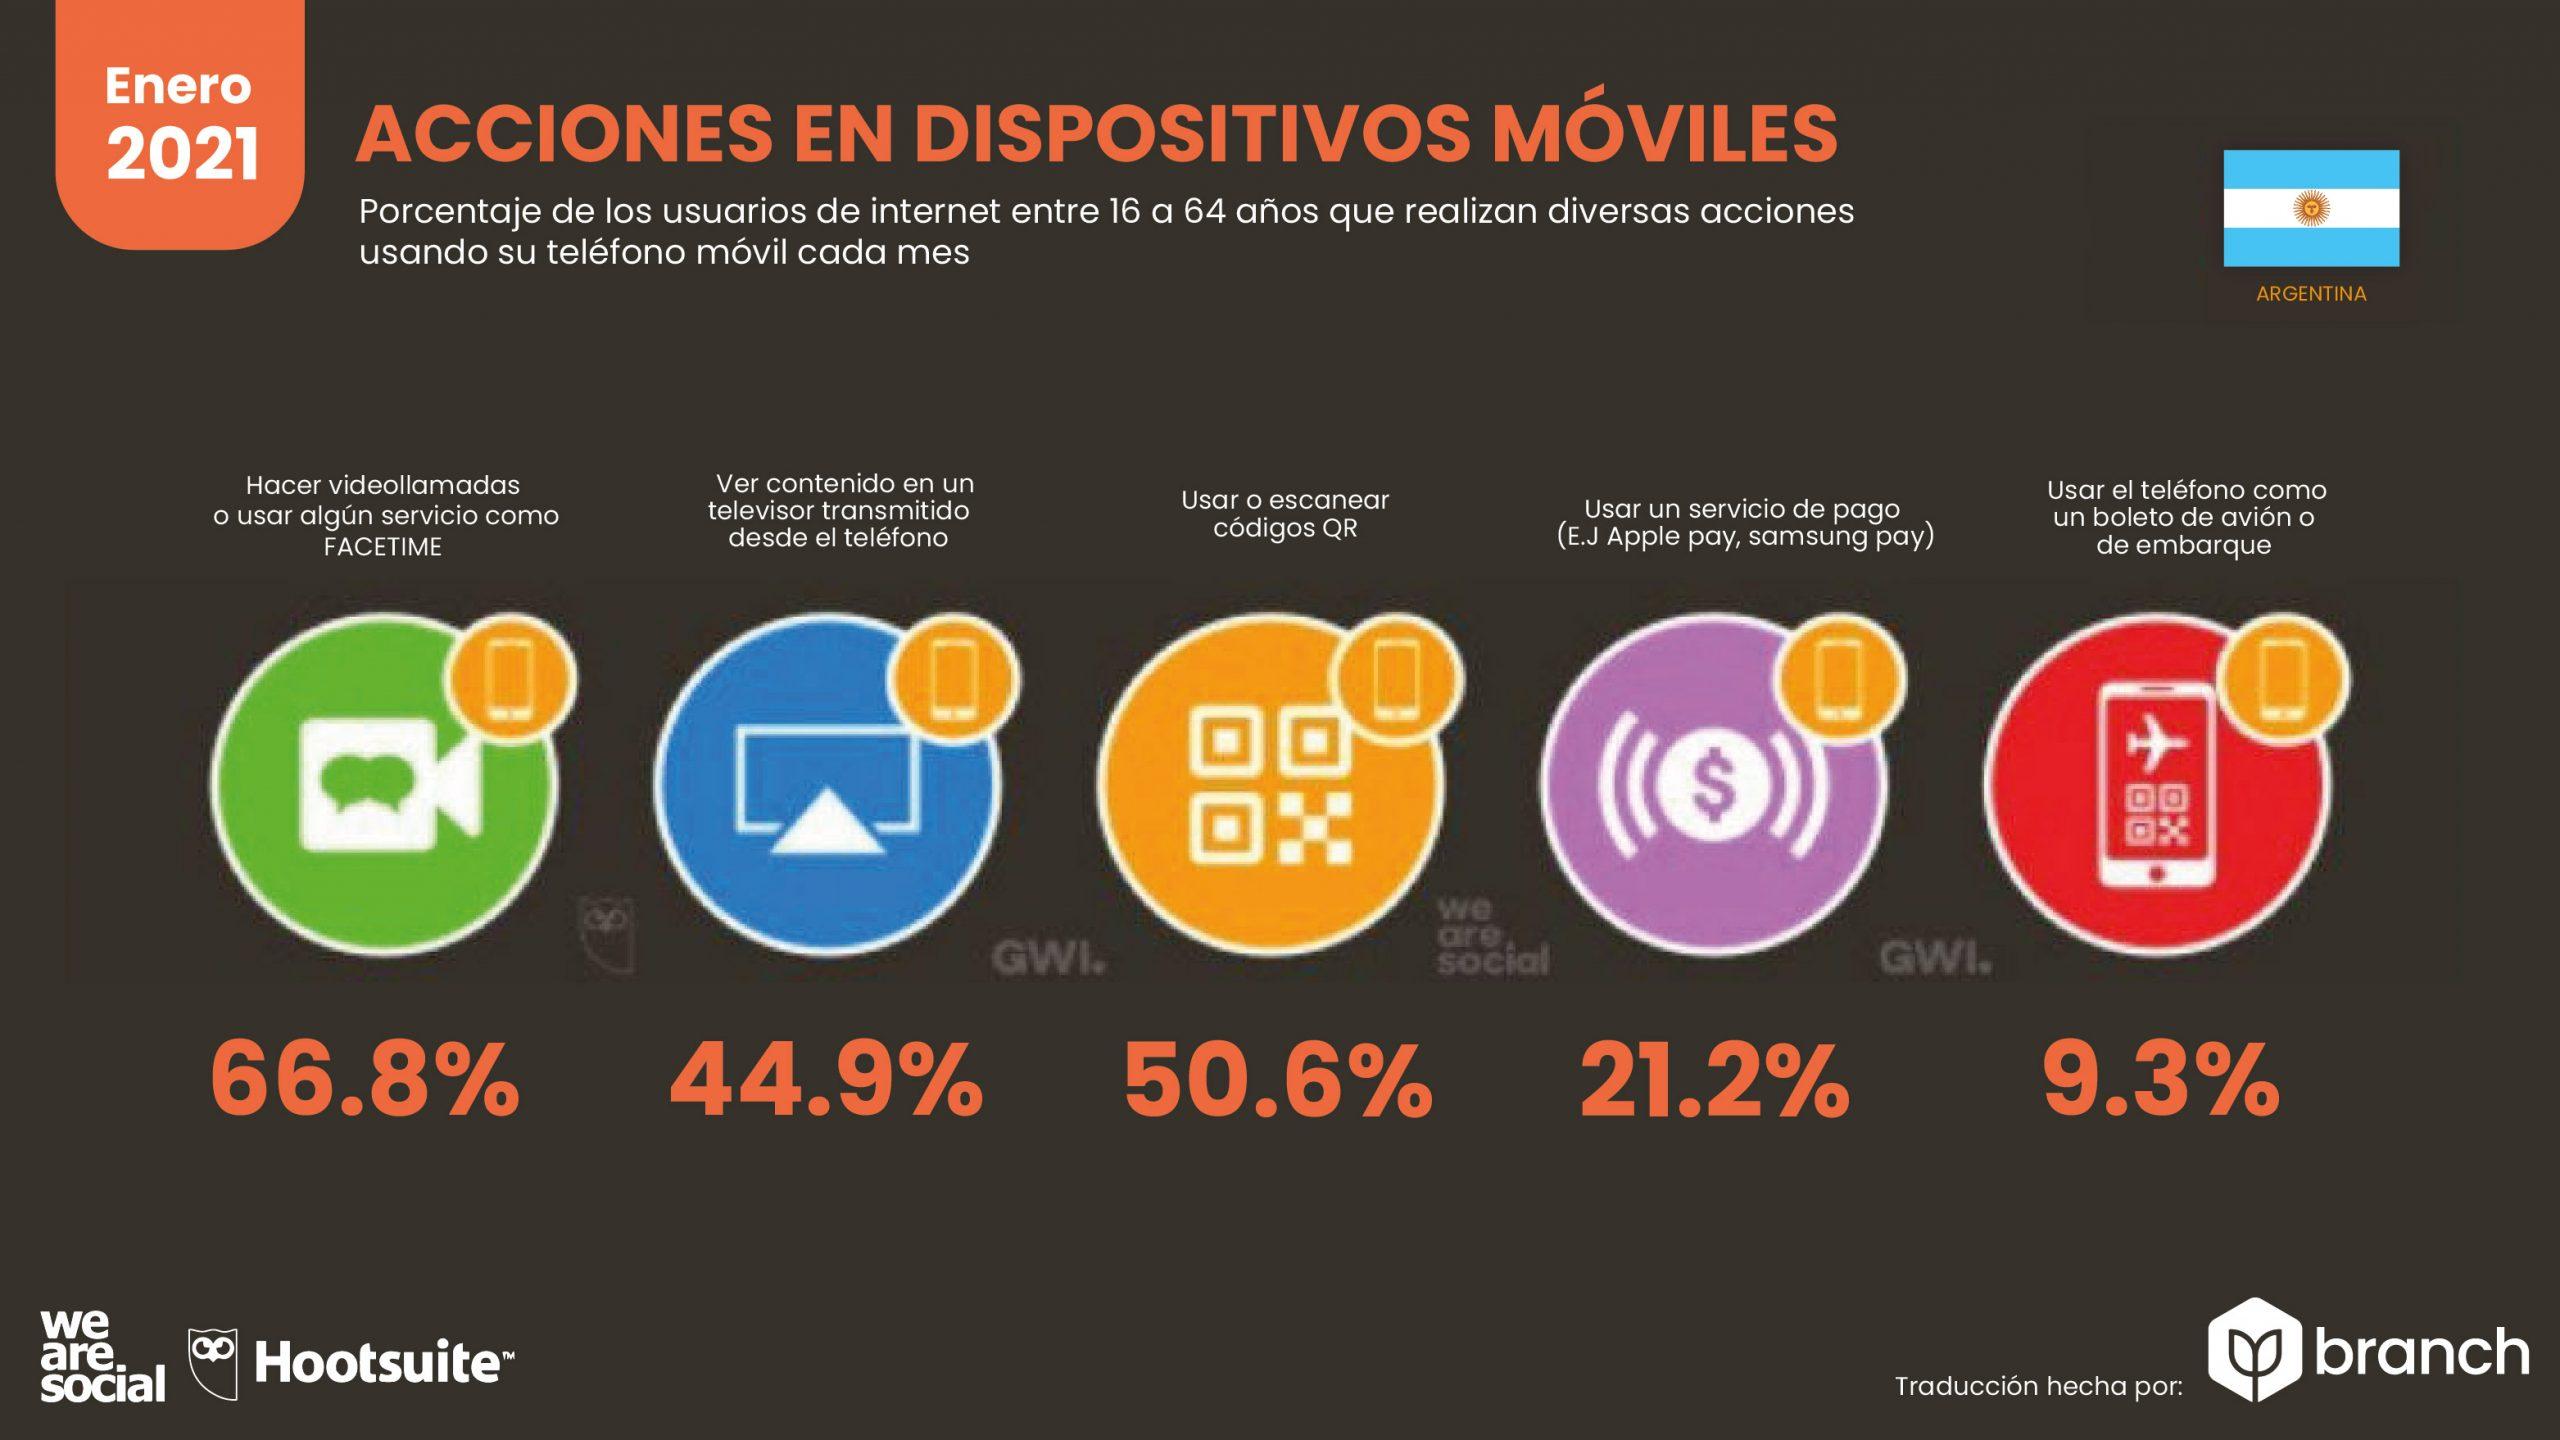 grafico-acciones-en-dispositivos-moviles-argentina-2020-2021